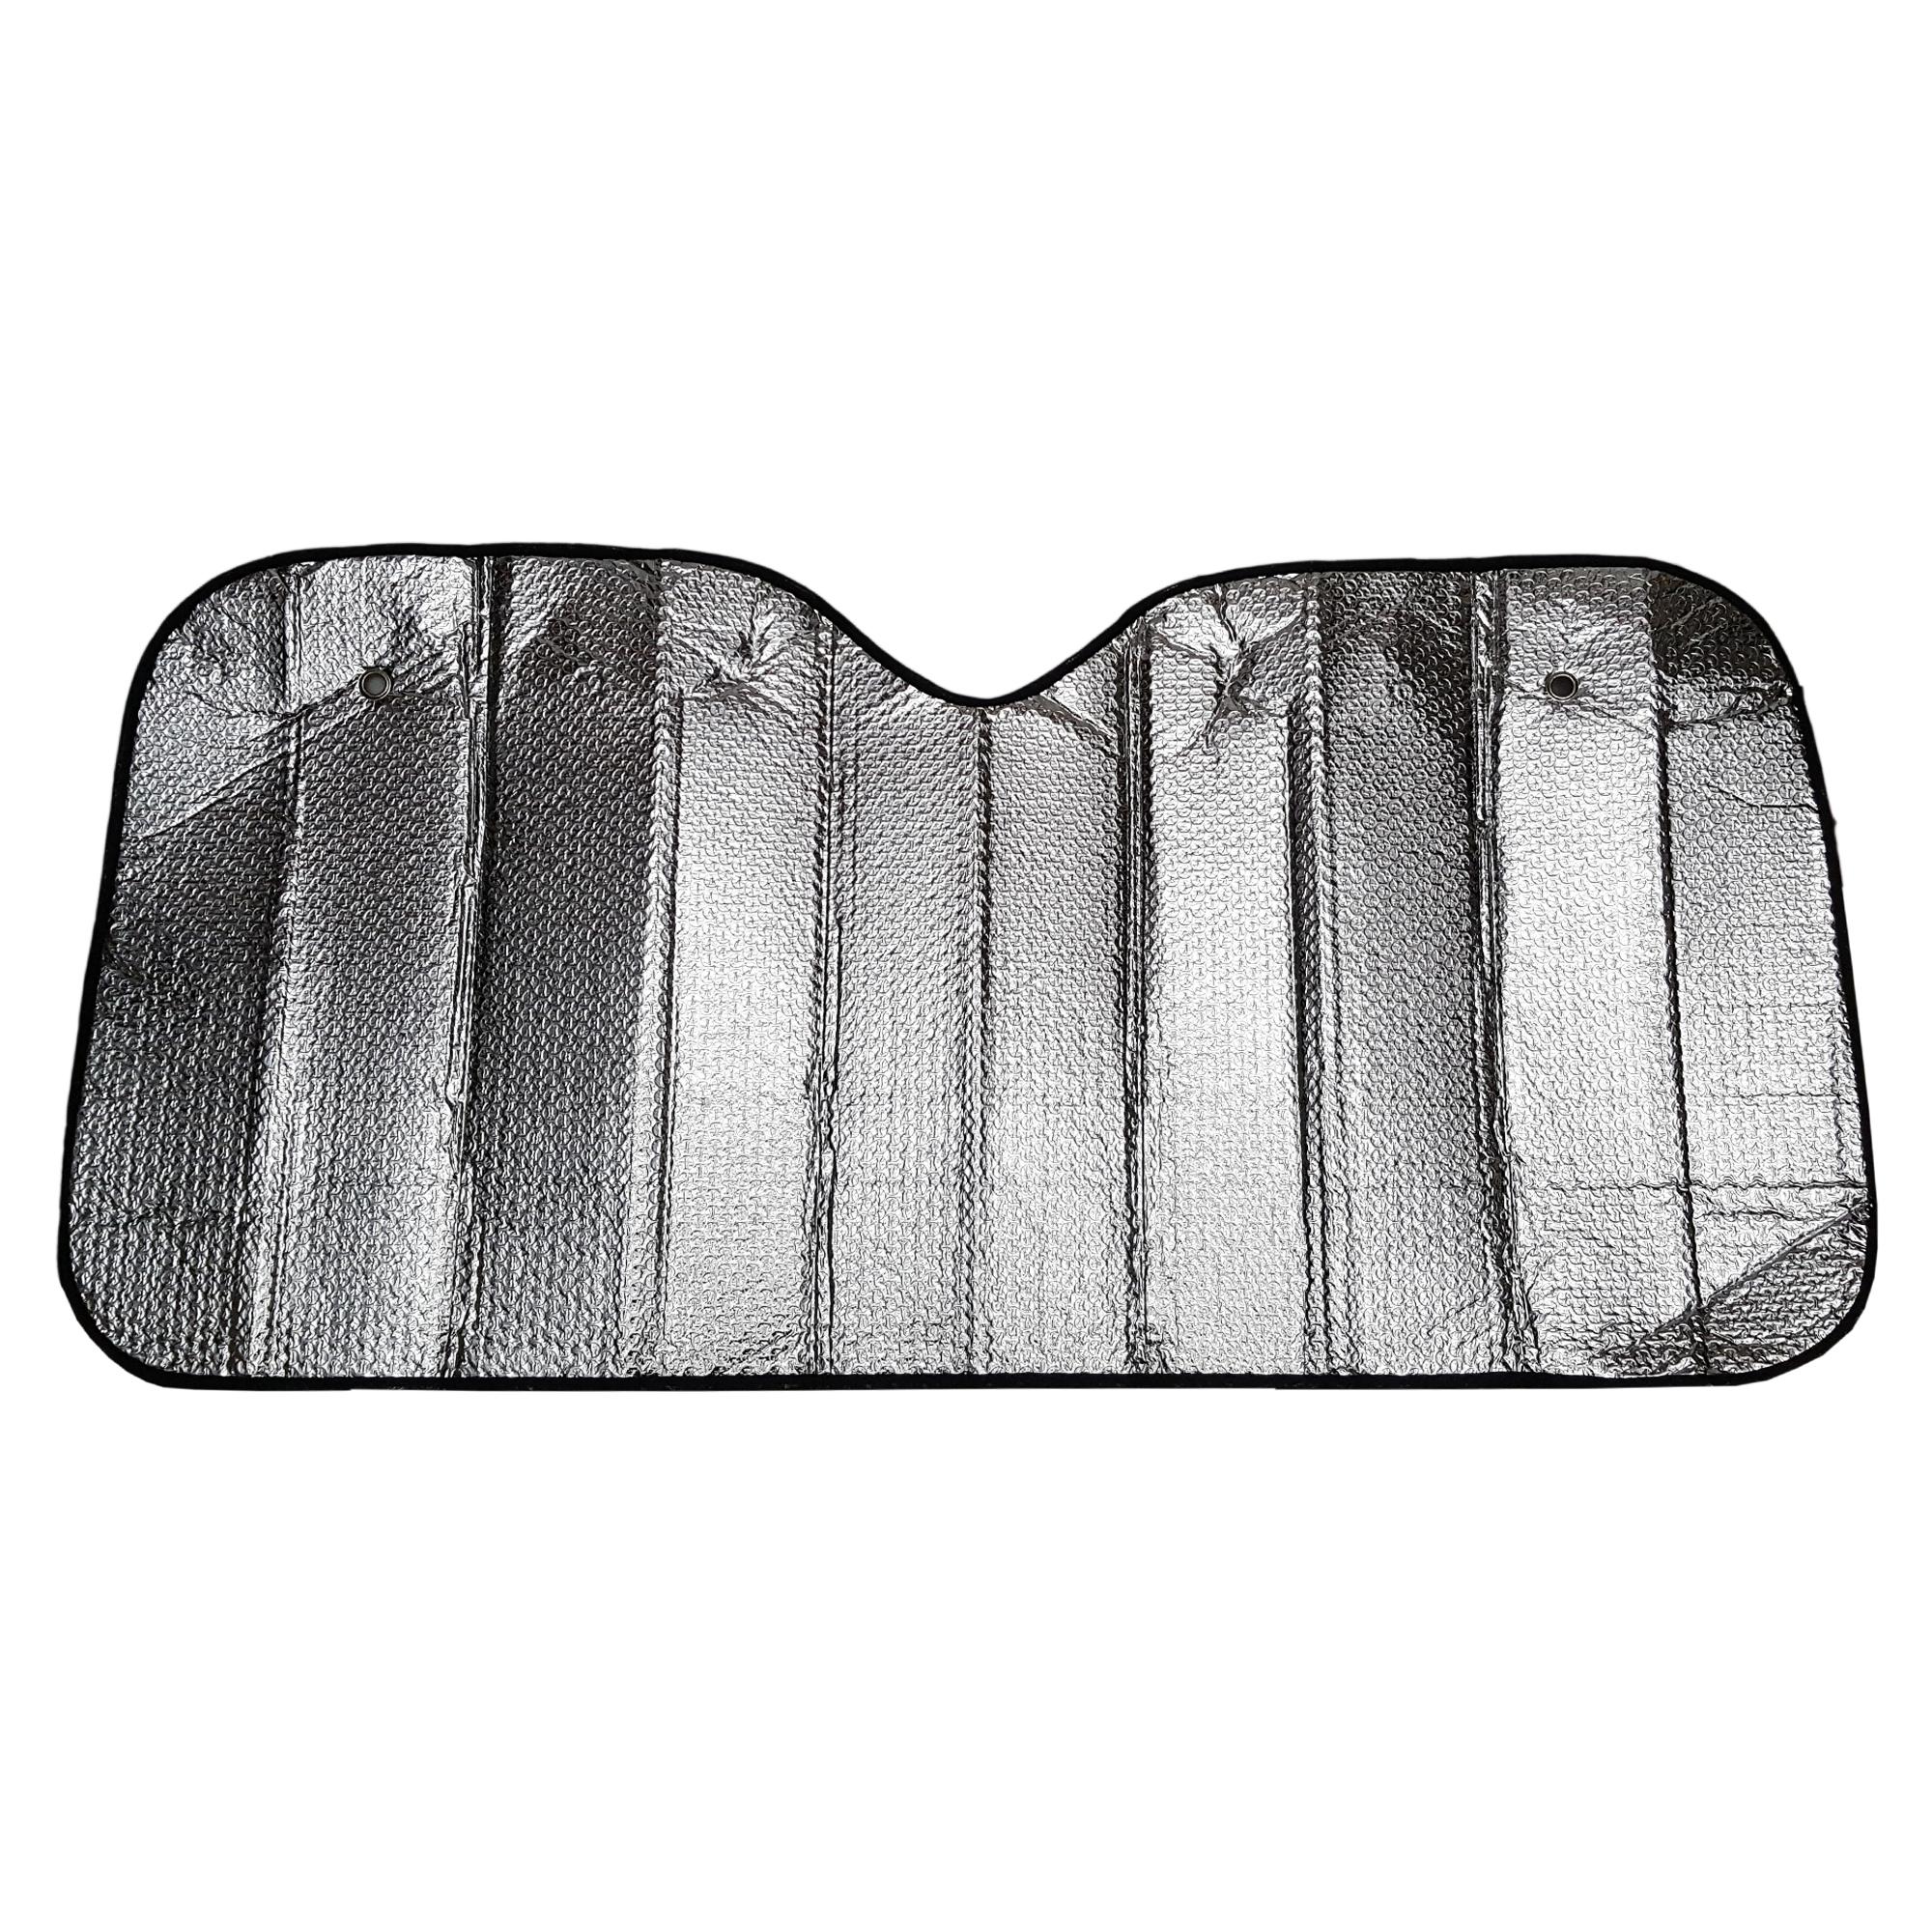 خرید                     آفتابگیر شیشه جلو خودرو طرح آکاردئونی مدل Mhr-325-S